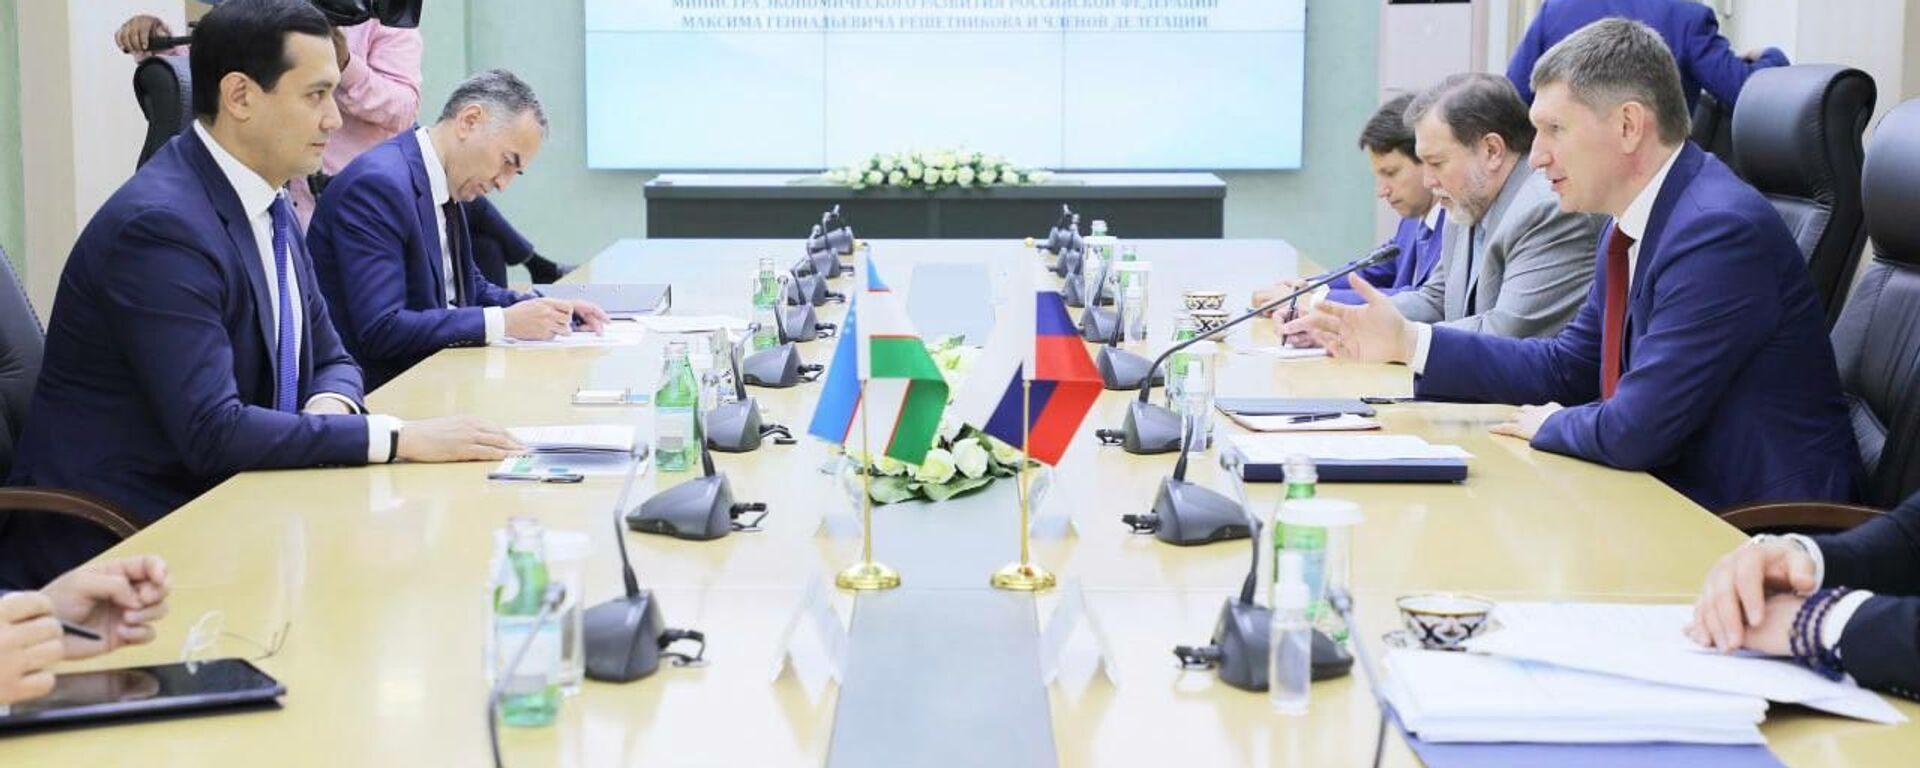 В Ташкенте состоялась встреча сопредседателей Узбекско-Российской Межправительственной комиссии (МПК) по экономическому сотрудничеству - Sputnik Ўзбекистон, 1920, 27.09.2021